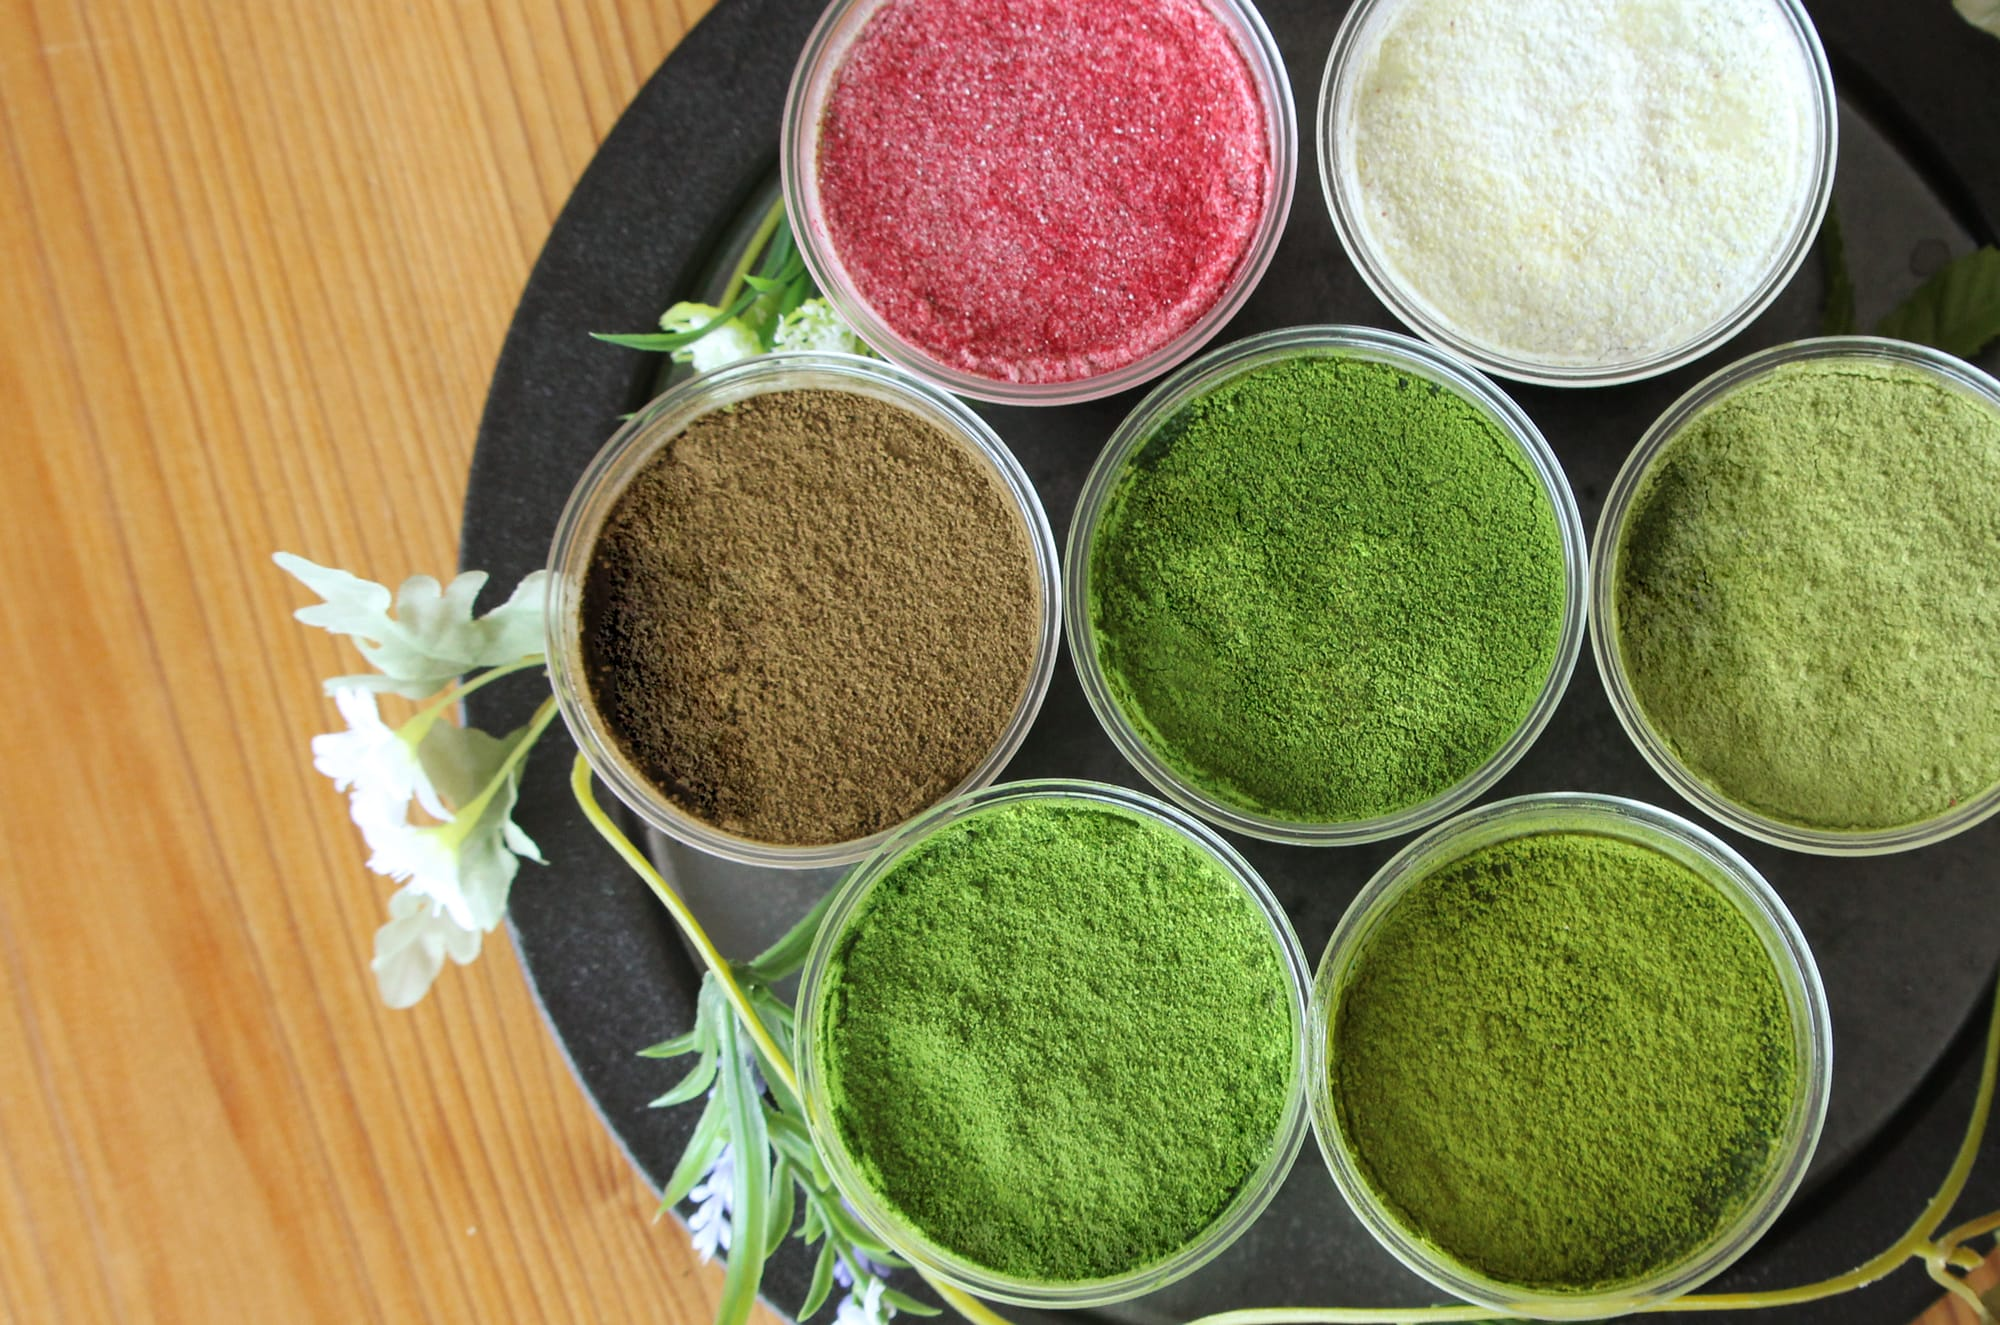 玉露や抹茶、煎茶など7種類をティラミス「宇治茶ティラミスセブン~玉露スペシャル」。